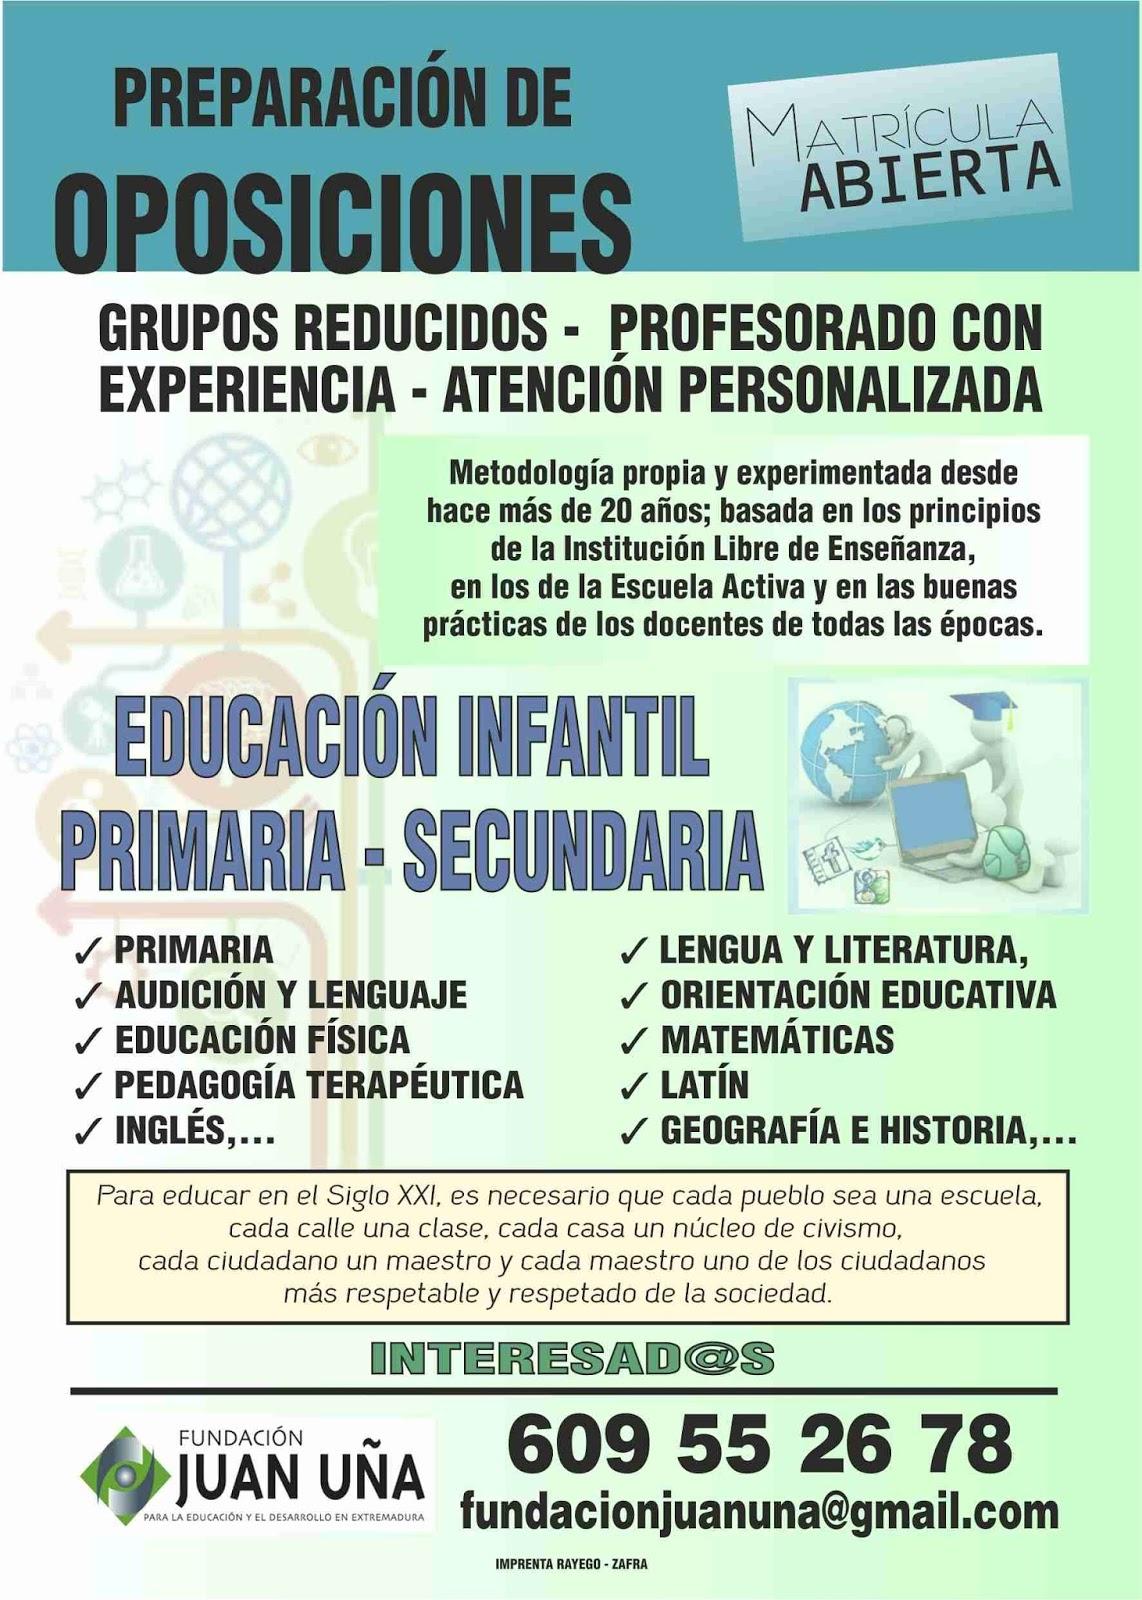 Fundación Juan Uña